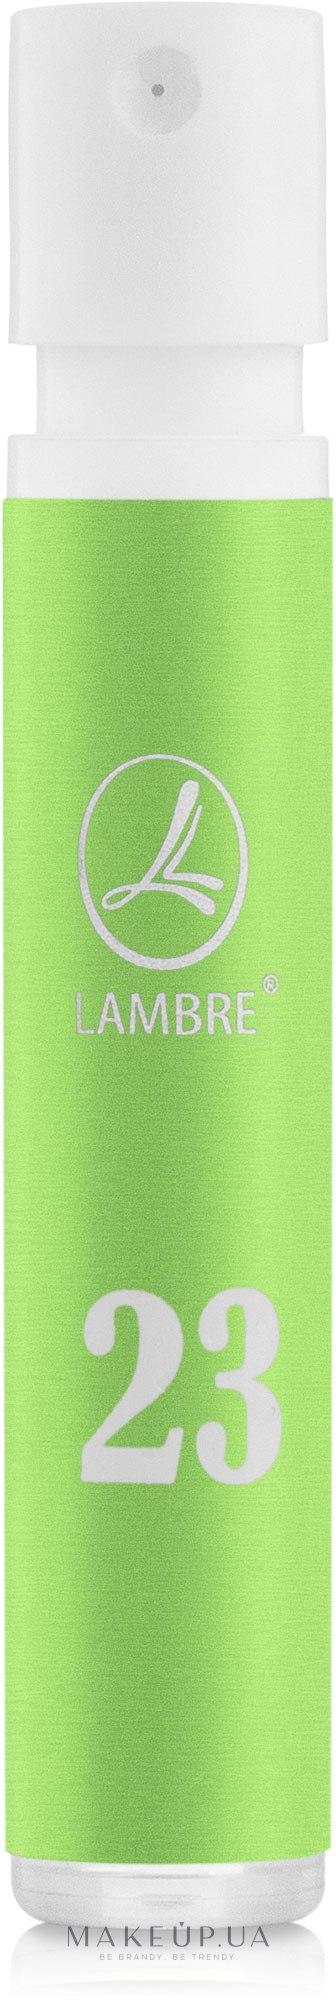 Lambre 23 - Духи (пробник) — фото 1.2ml